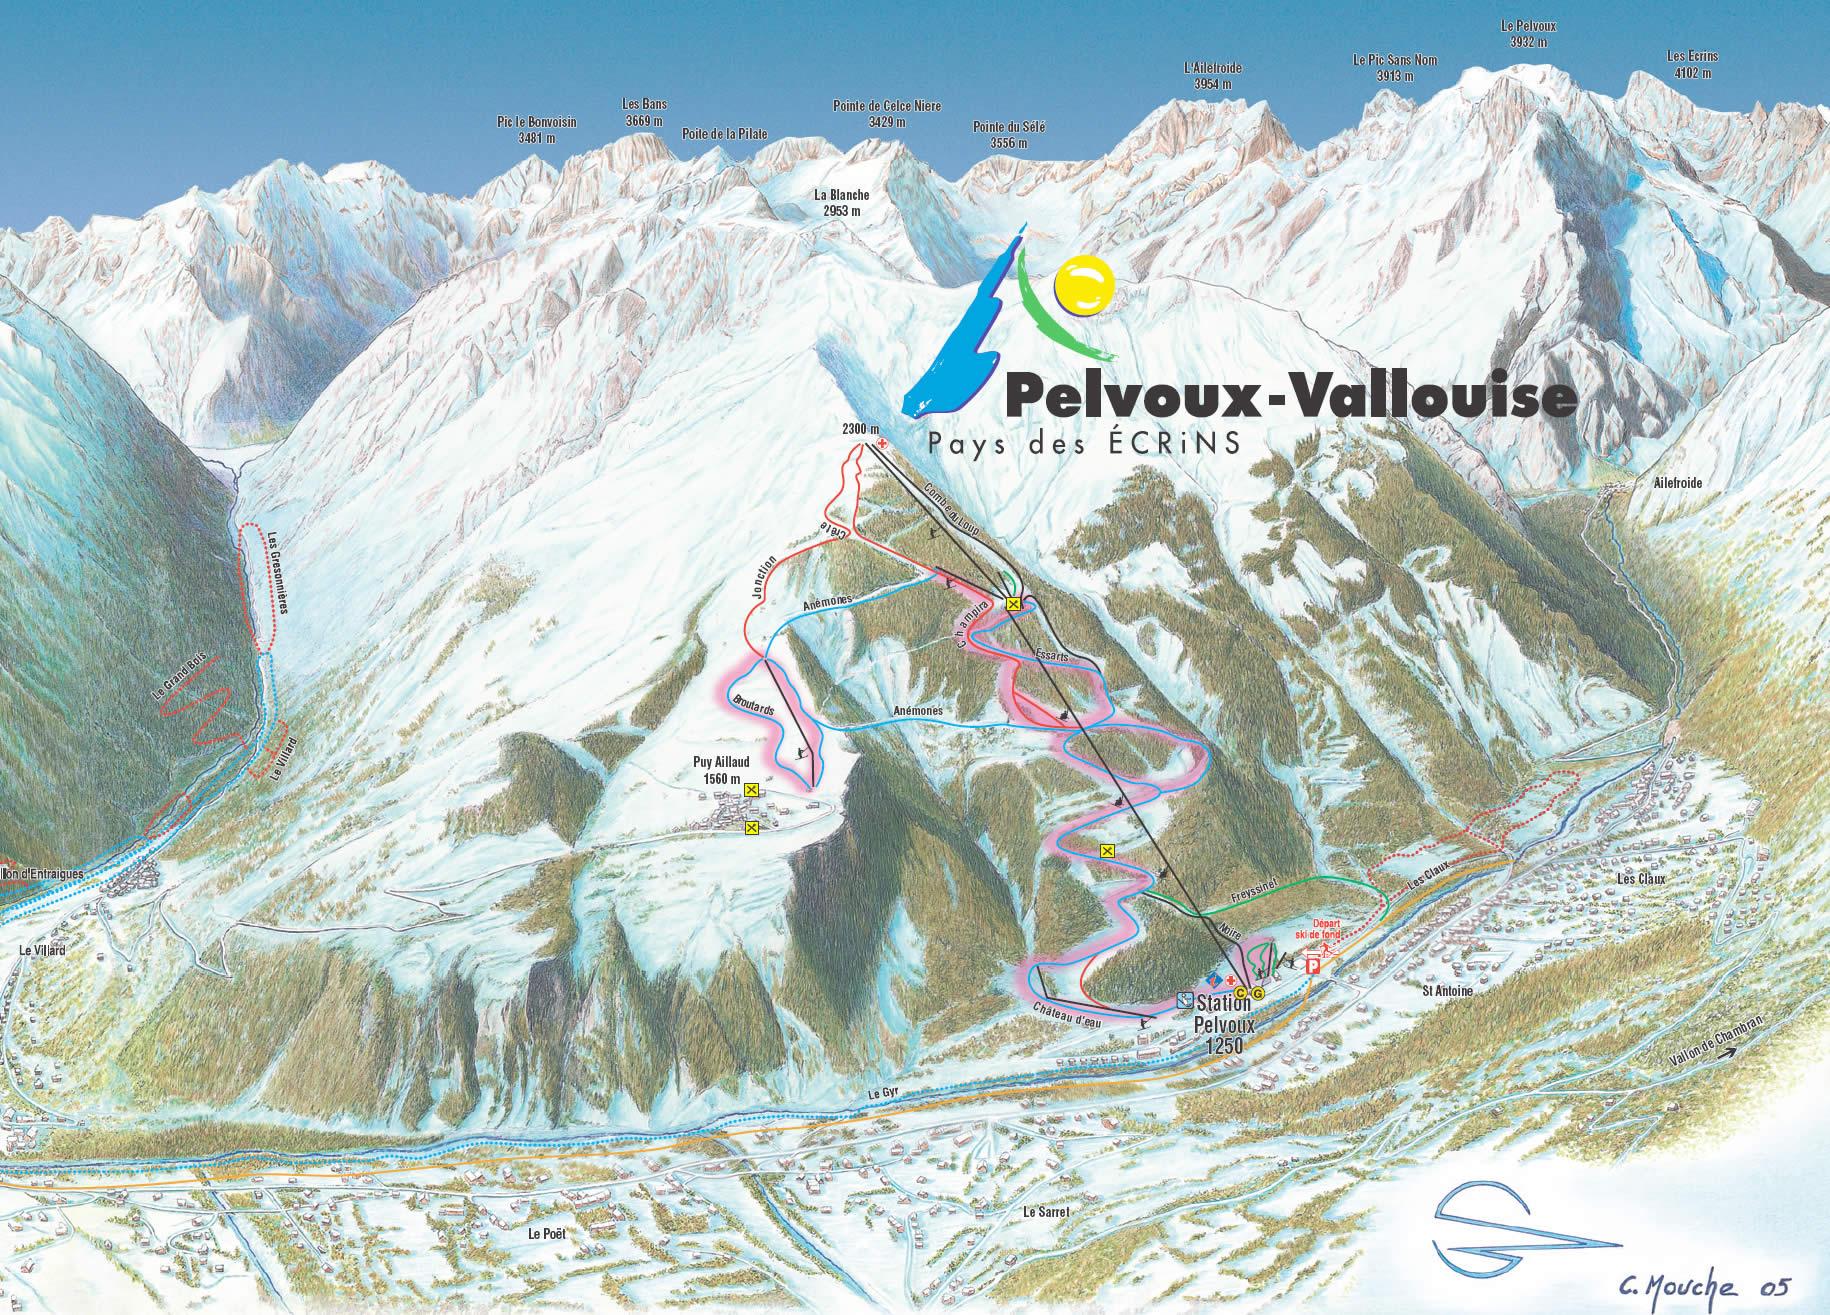 Pelvoux-La Vallouise Piste / Trail Map